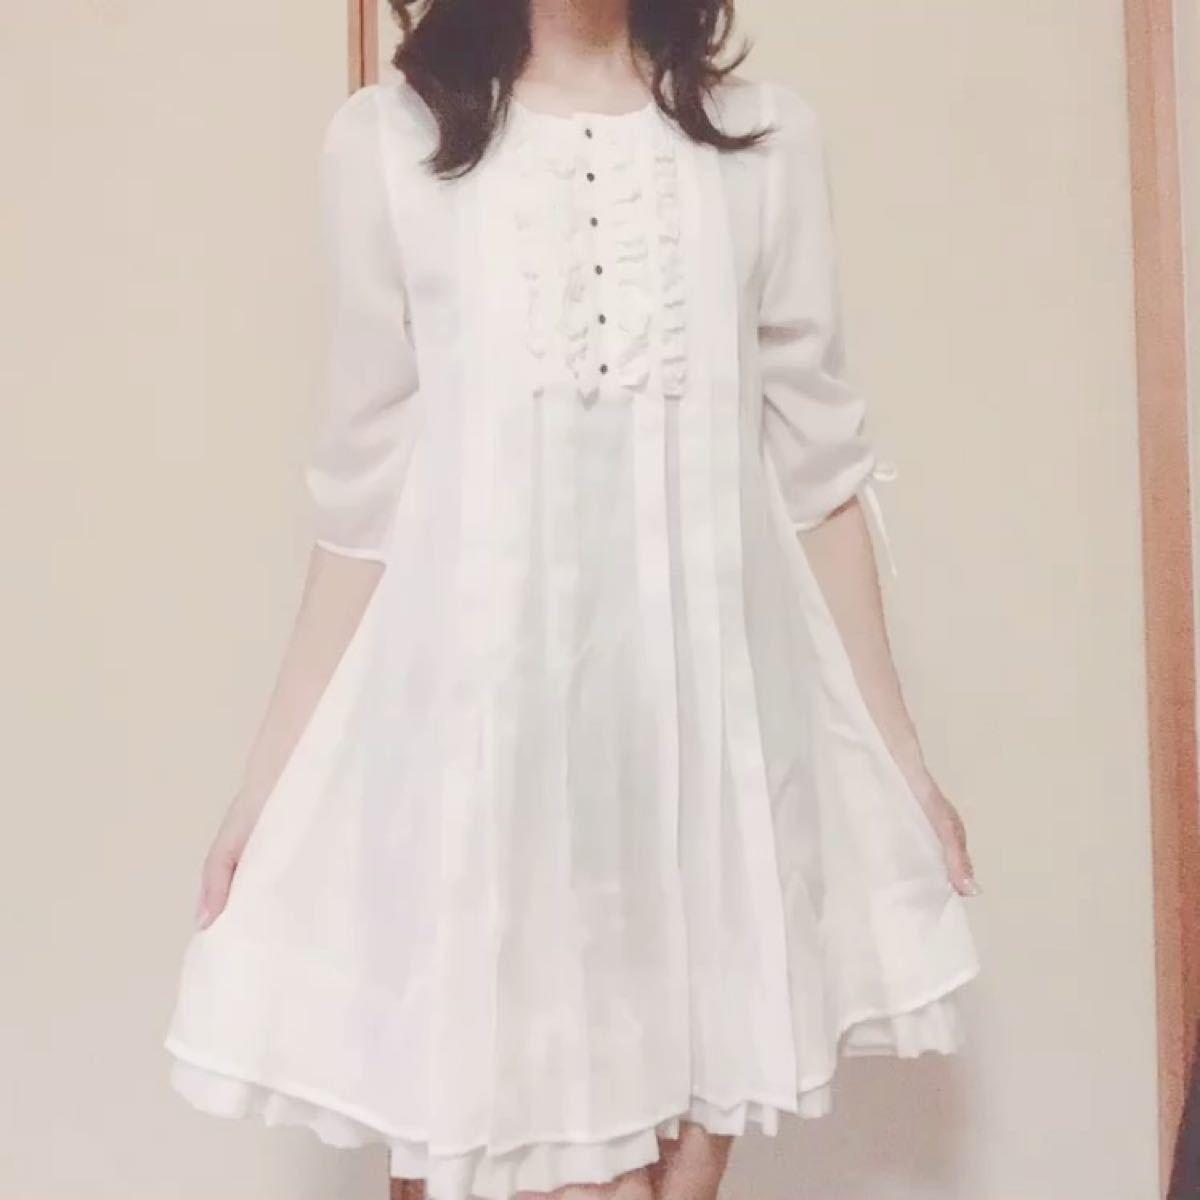 オリーブデオリーブ フリル プリーツワンピース 韓国ファッション 五分袖